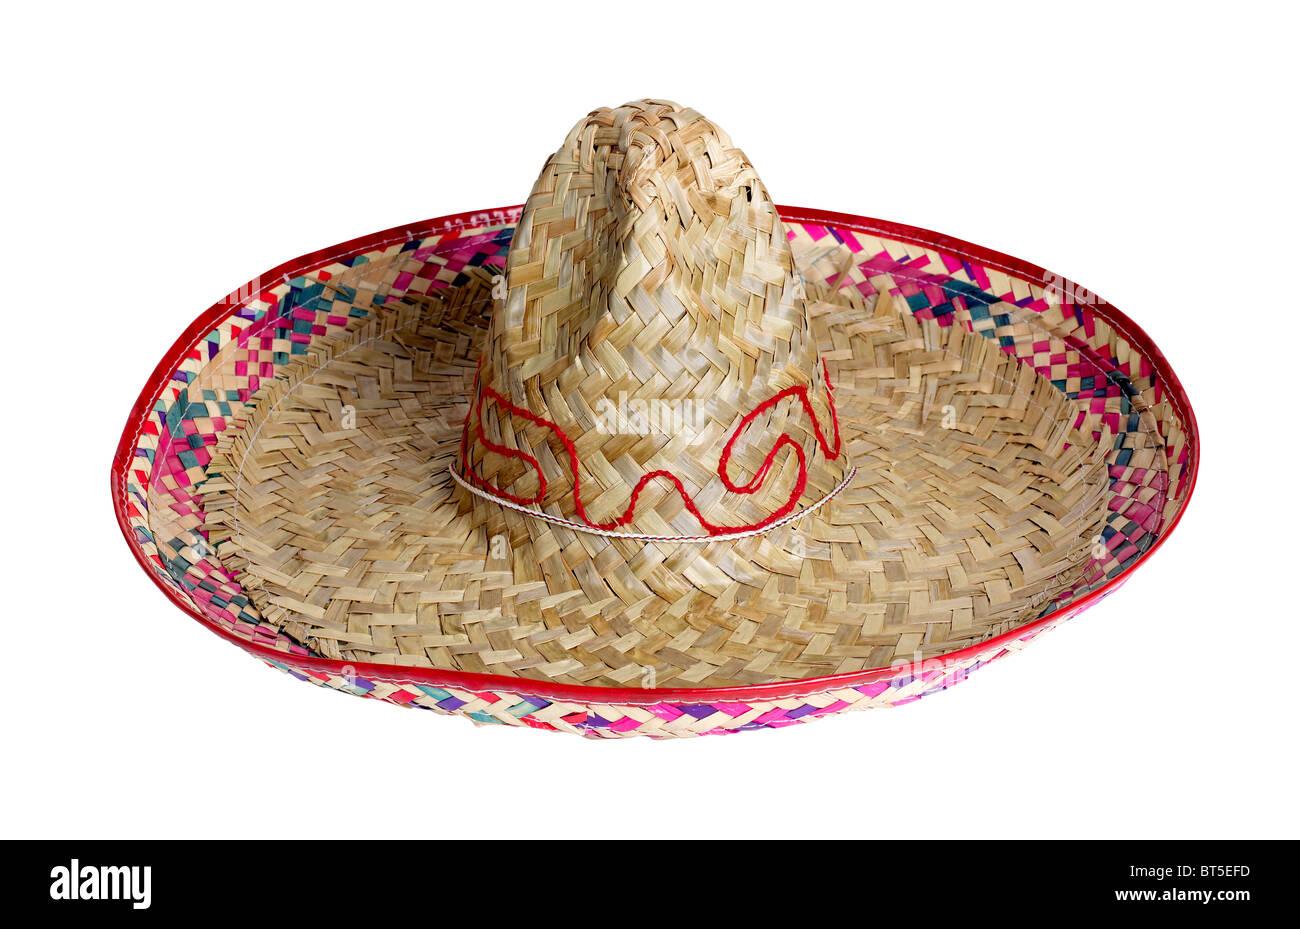 Sombrero messicani Messico cappello di paglia ombra coperchio della testata la protezione solare danza celebrare Immagini Stock